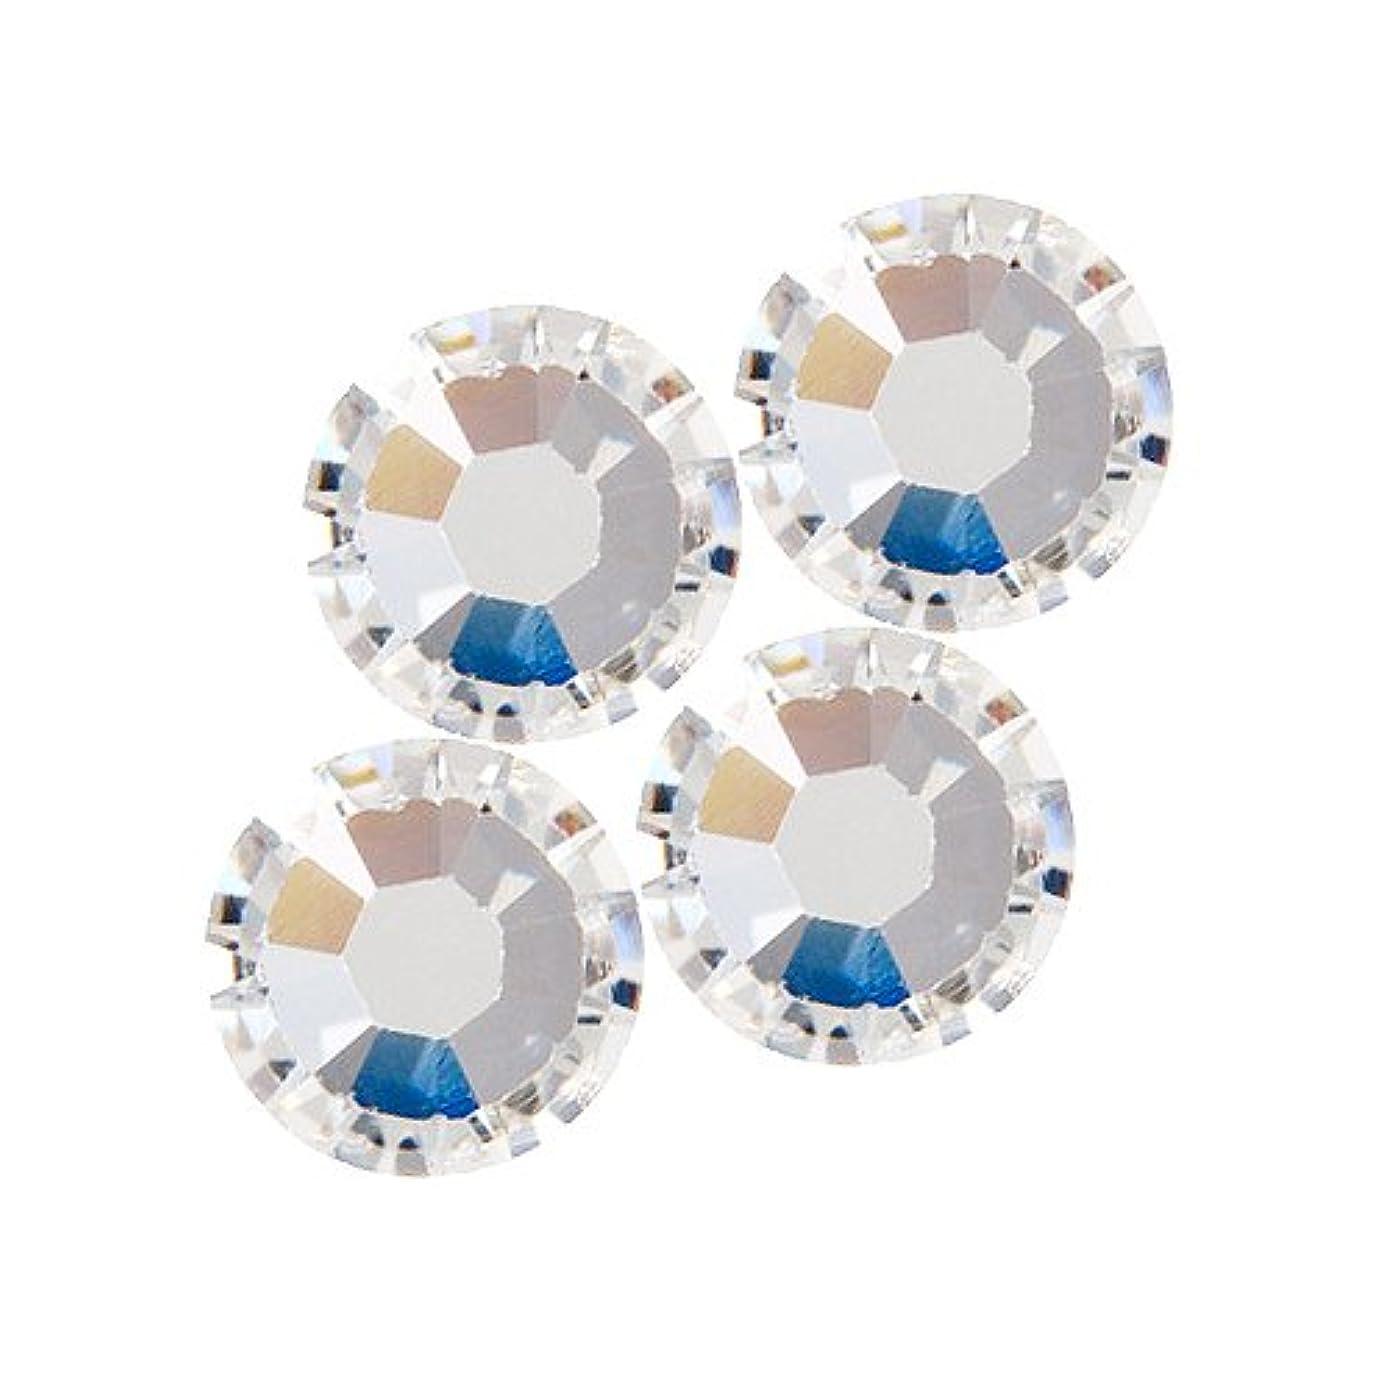 本当のことを言うとペレグリネーション比較的バイナル DIAMOND RHINESTONE  クリスタル SS6 720粒 ST-SS6-CRY-5G